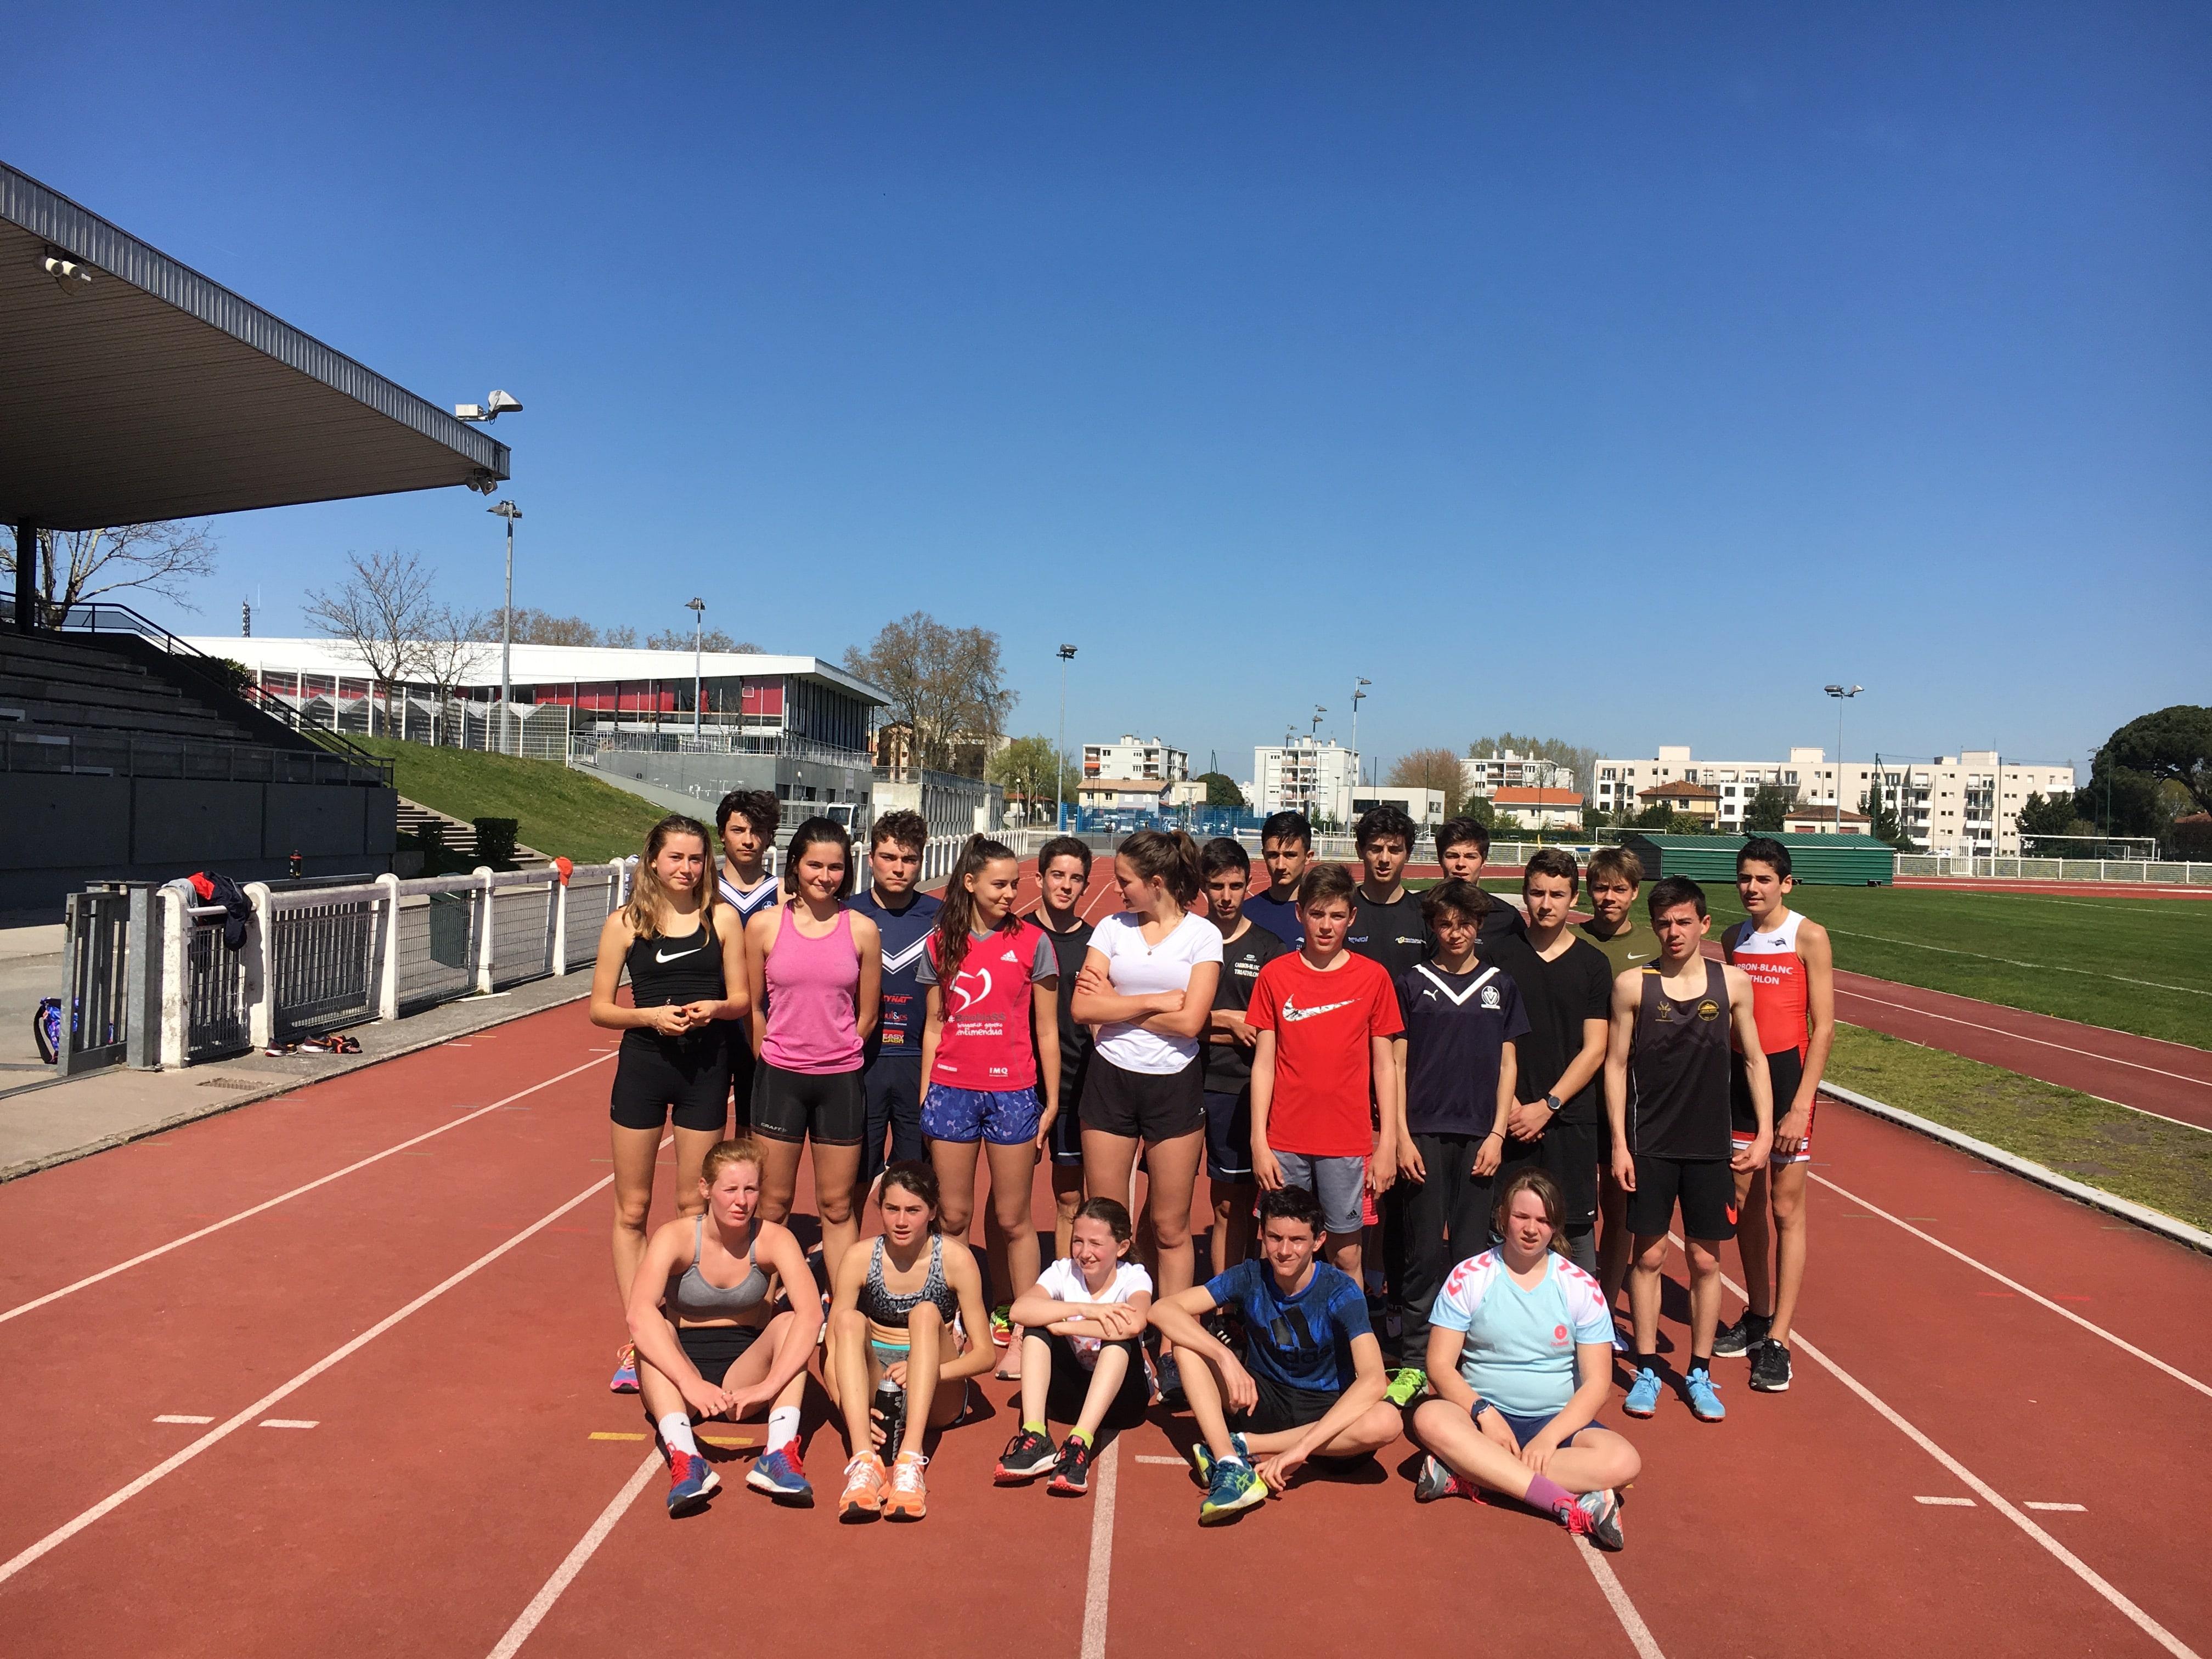 Calendrier Des Girondins De Bordeaux.Retour En Images Class Triathlon Les Girondins De Bordeaux